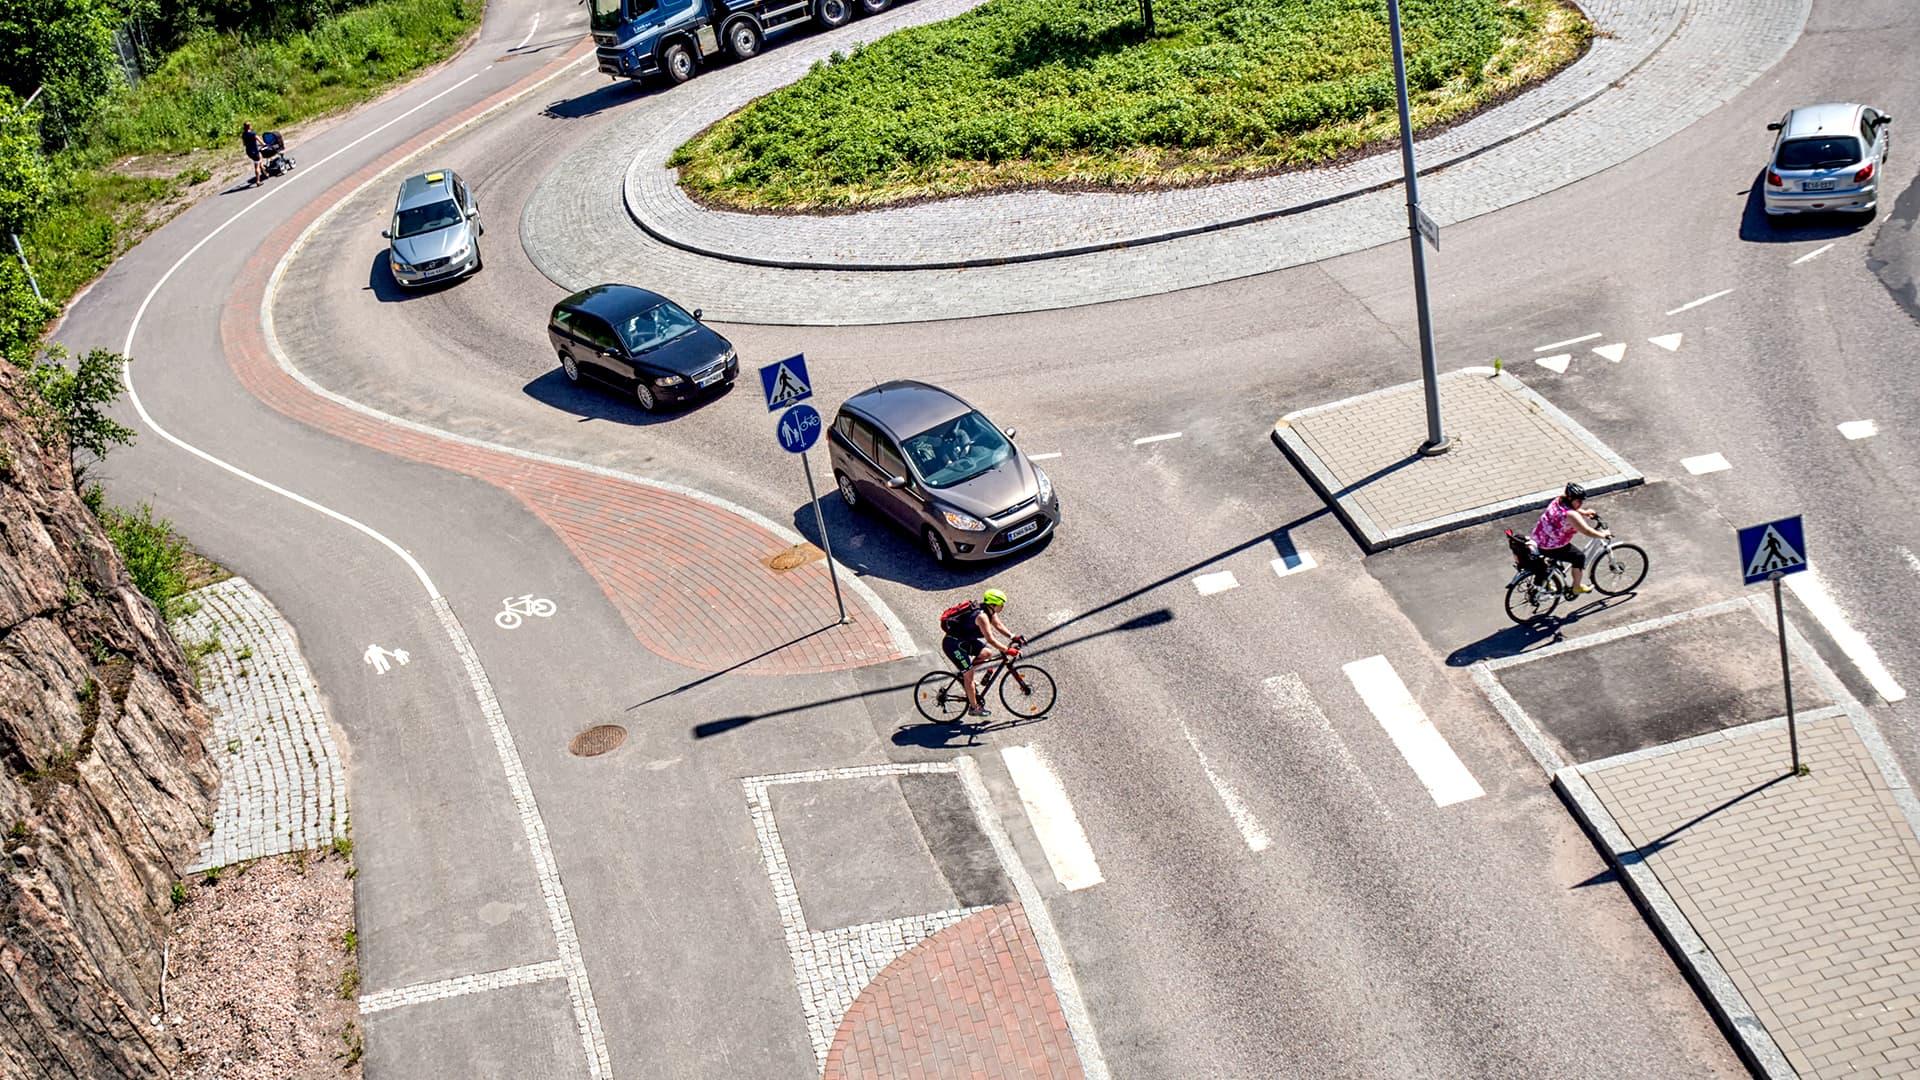 Autoja ja pyöräilijöitä liikenneympyrässä.